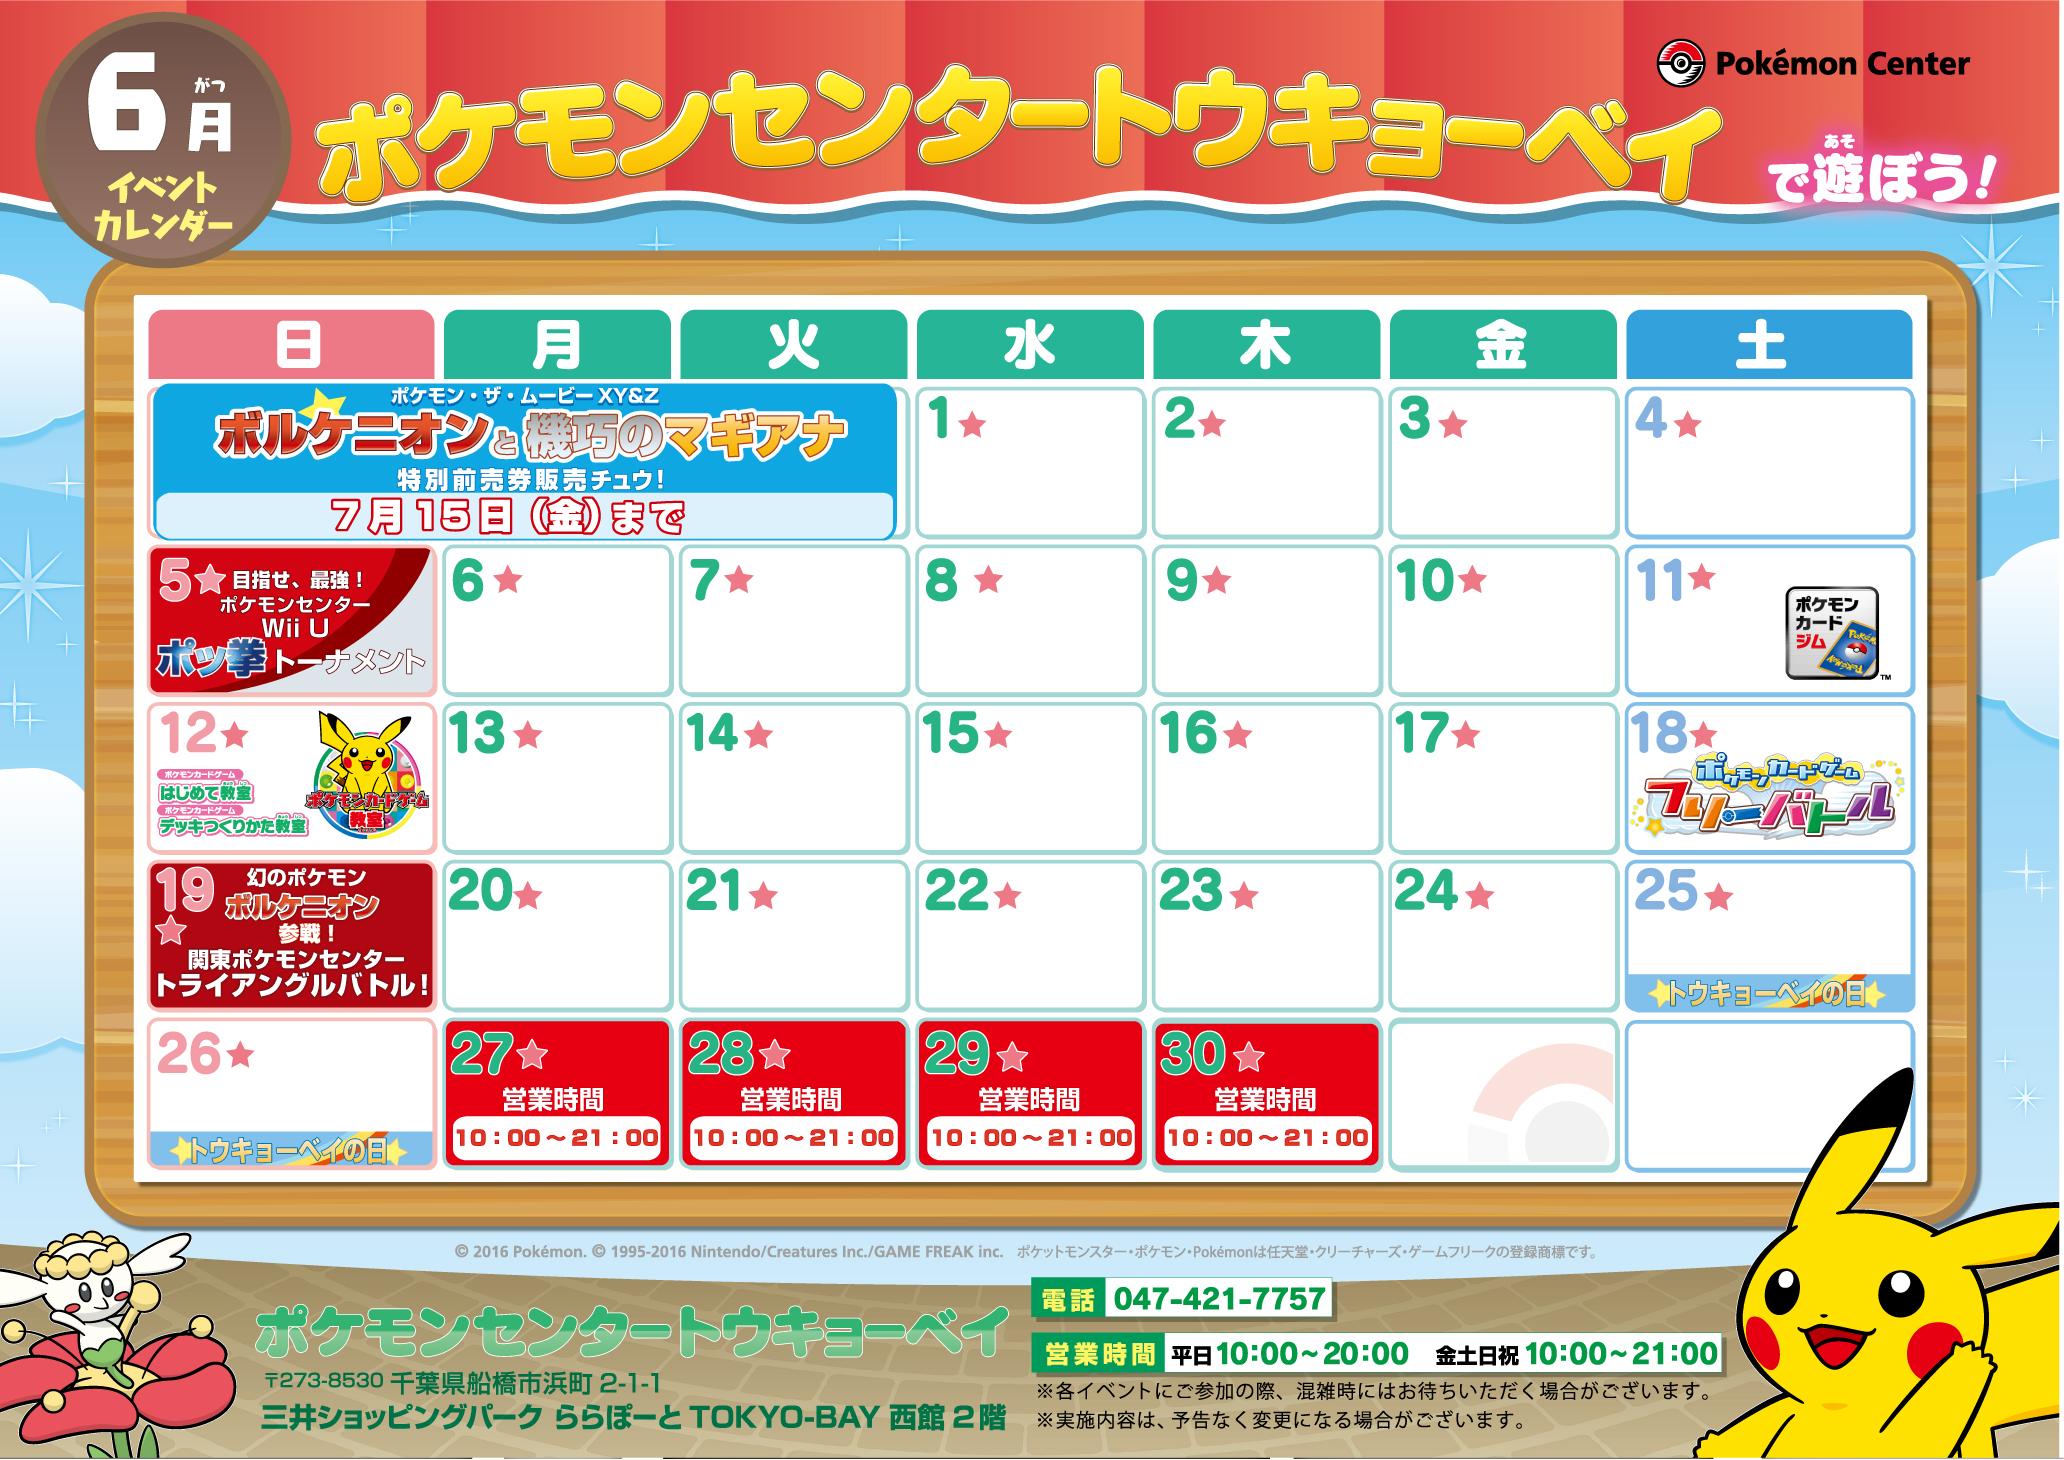 ポケモンセンタートウキョーベイ】6月のイベントカレンダー♪|ポケモン